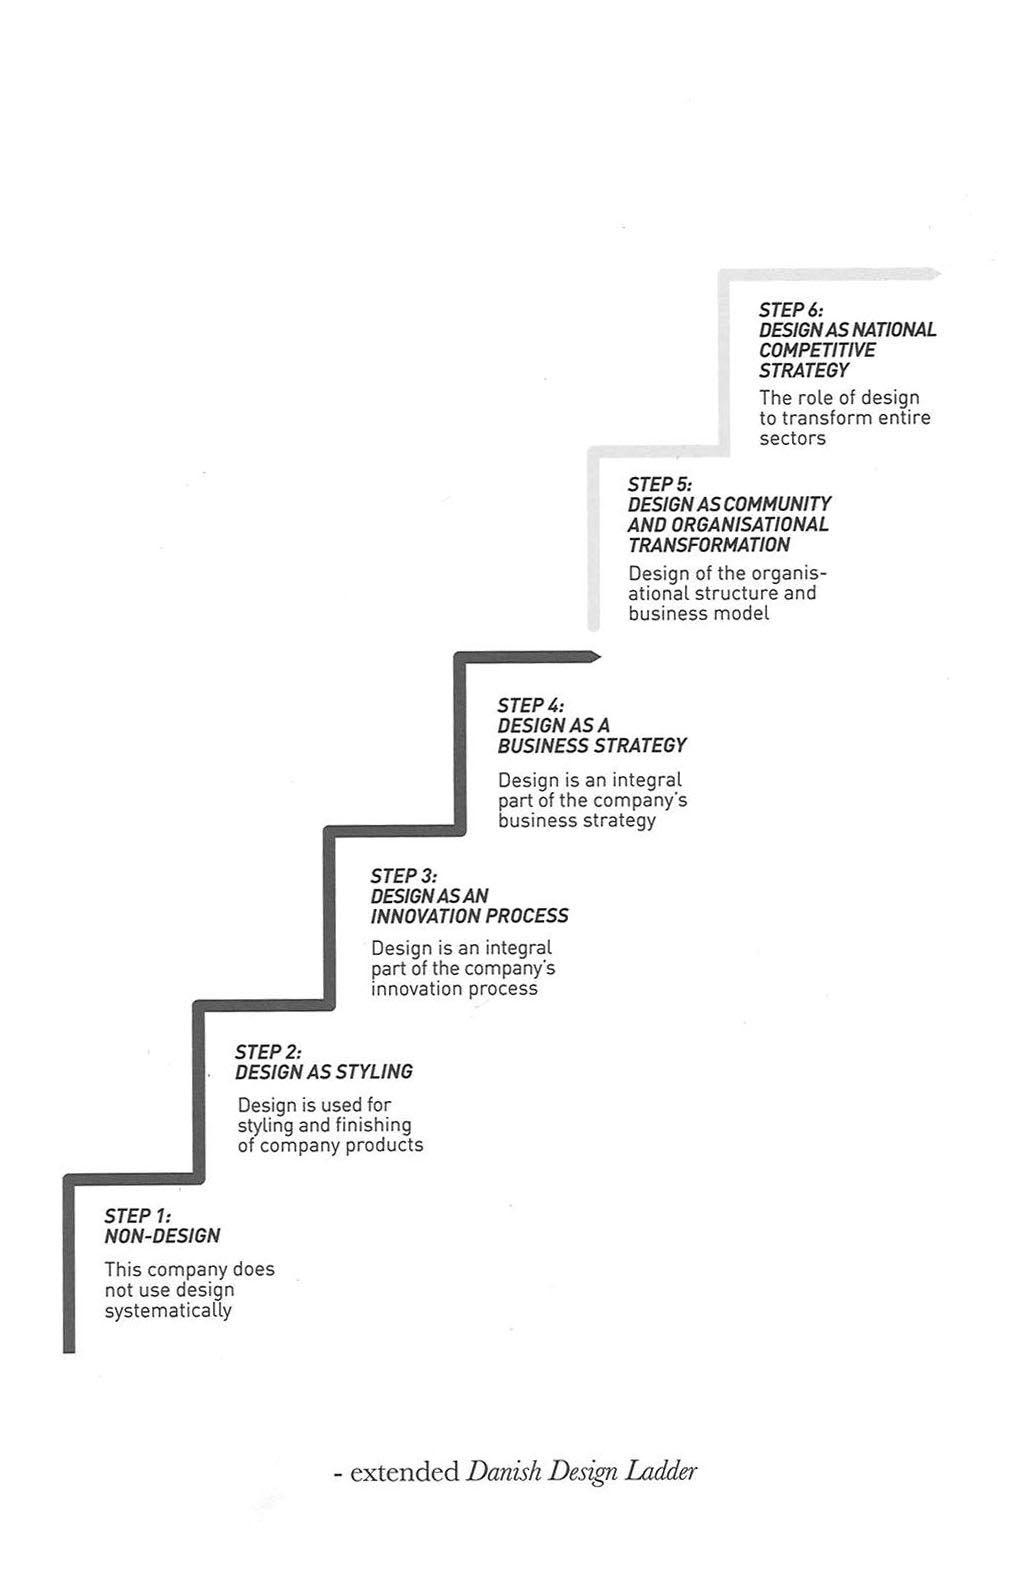 The Extended Danish Design Ladder